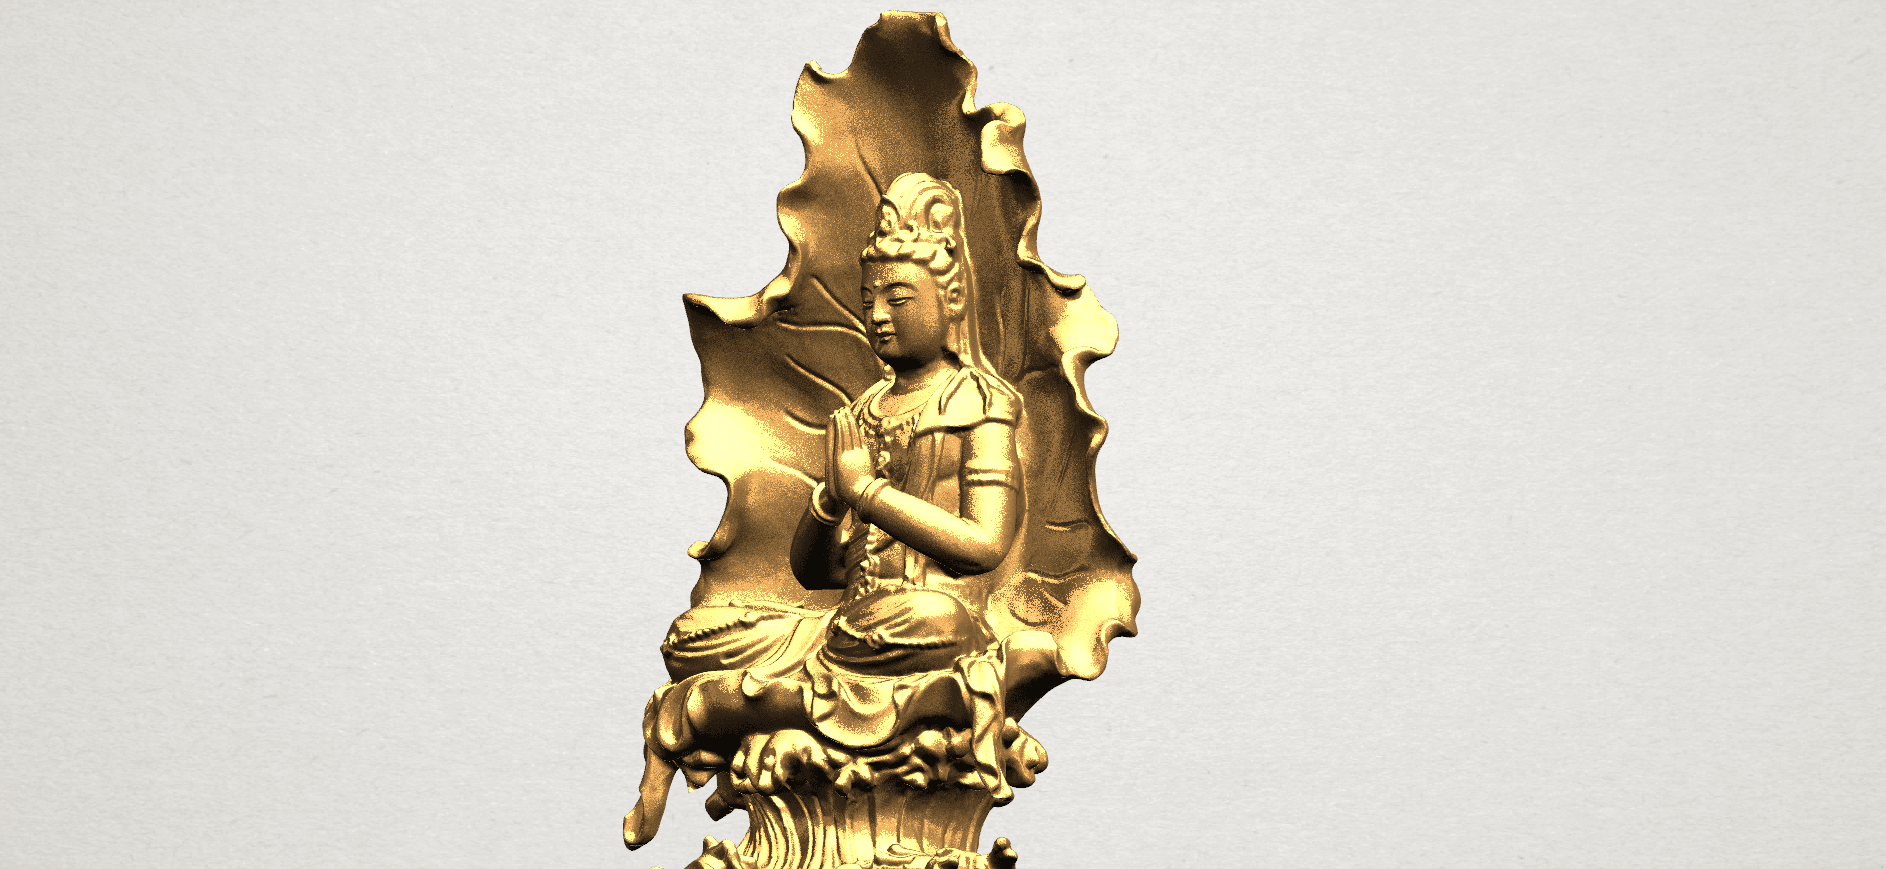 Avalokitesvara Buddha (with Lotus Leave) (ii) A12.png Download free STL file Avalokitesvara Buddha (with Lotus Leave) 02 • Model to 3D print, GeorgesNikkei